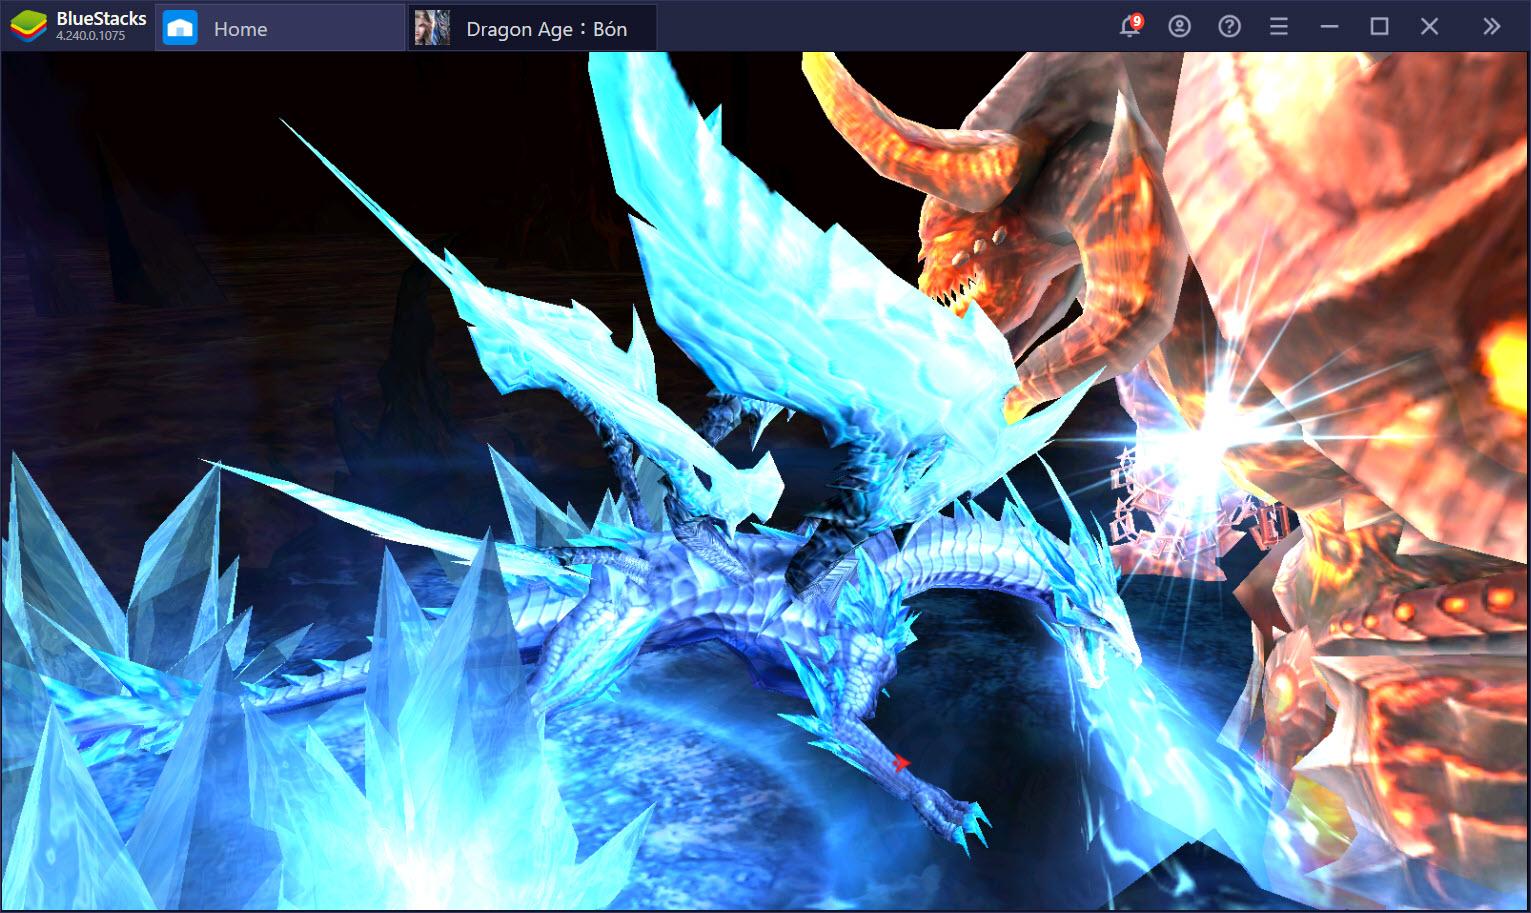 Trải nghiệm Dragon Age: Bóng Đêm Thức Tỉnh trên PC với BlueStacks